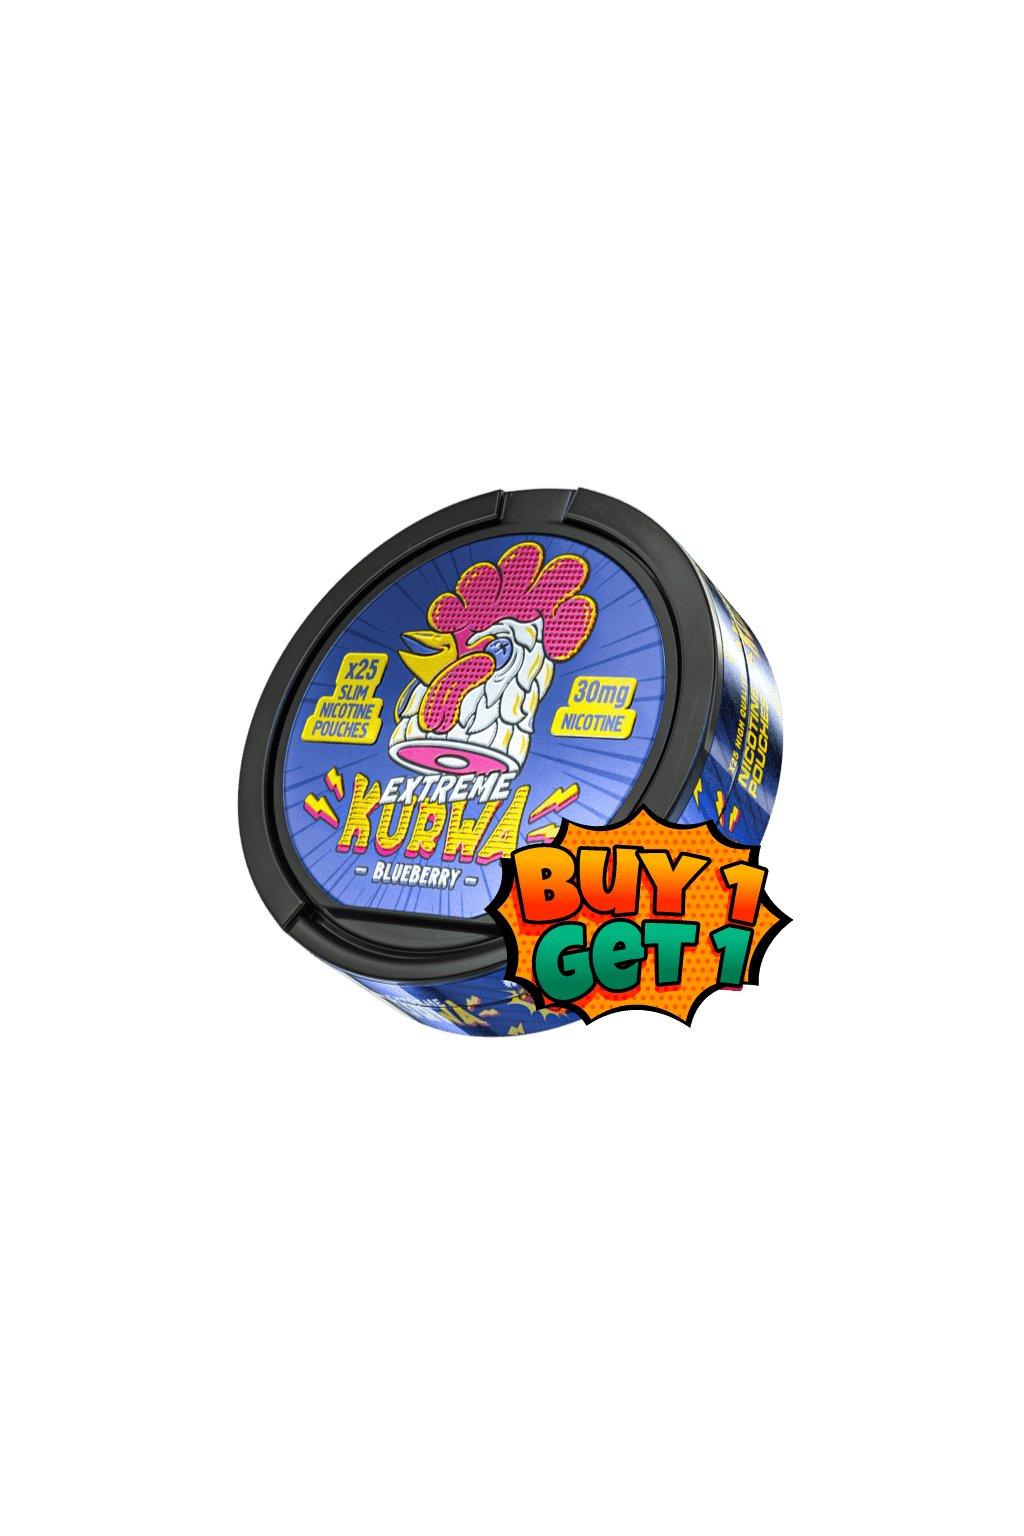 kurwa blueberry 30 extreme nikotinove sacky 1+1